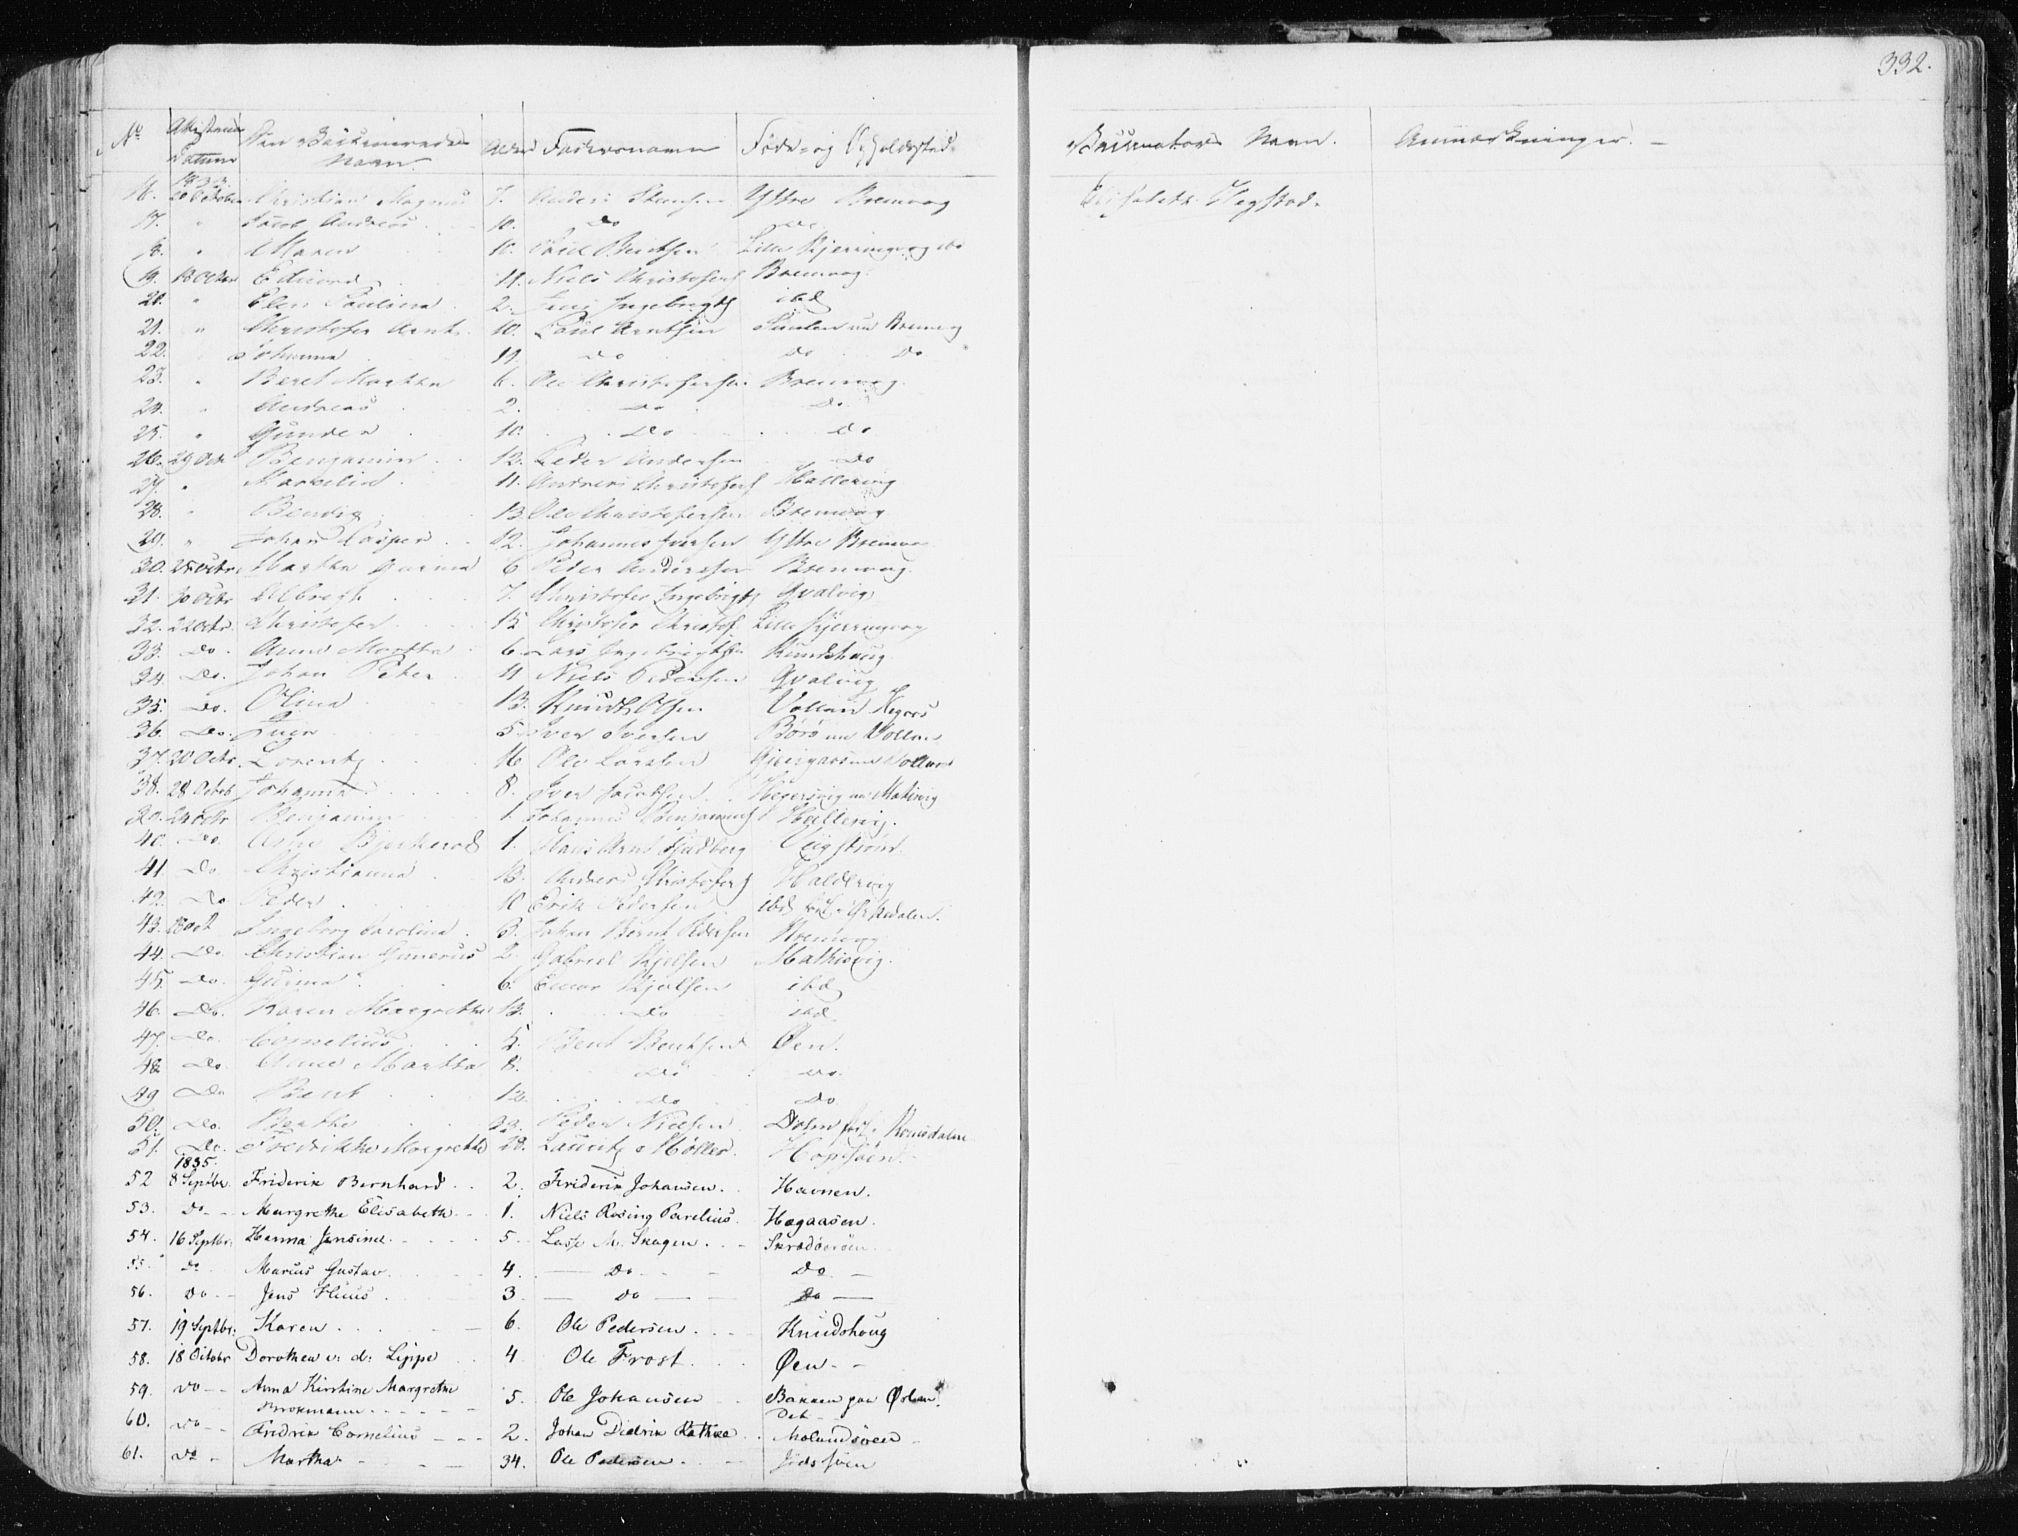 SAT, Ministerialprotokoller, klokkerbøker og fødselsregistre - Sør-Trøndelag, 634/L0528: Ministerialbok nr. 634A04, 1827-1842, s. 332